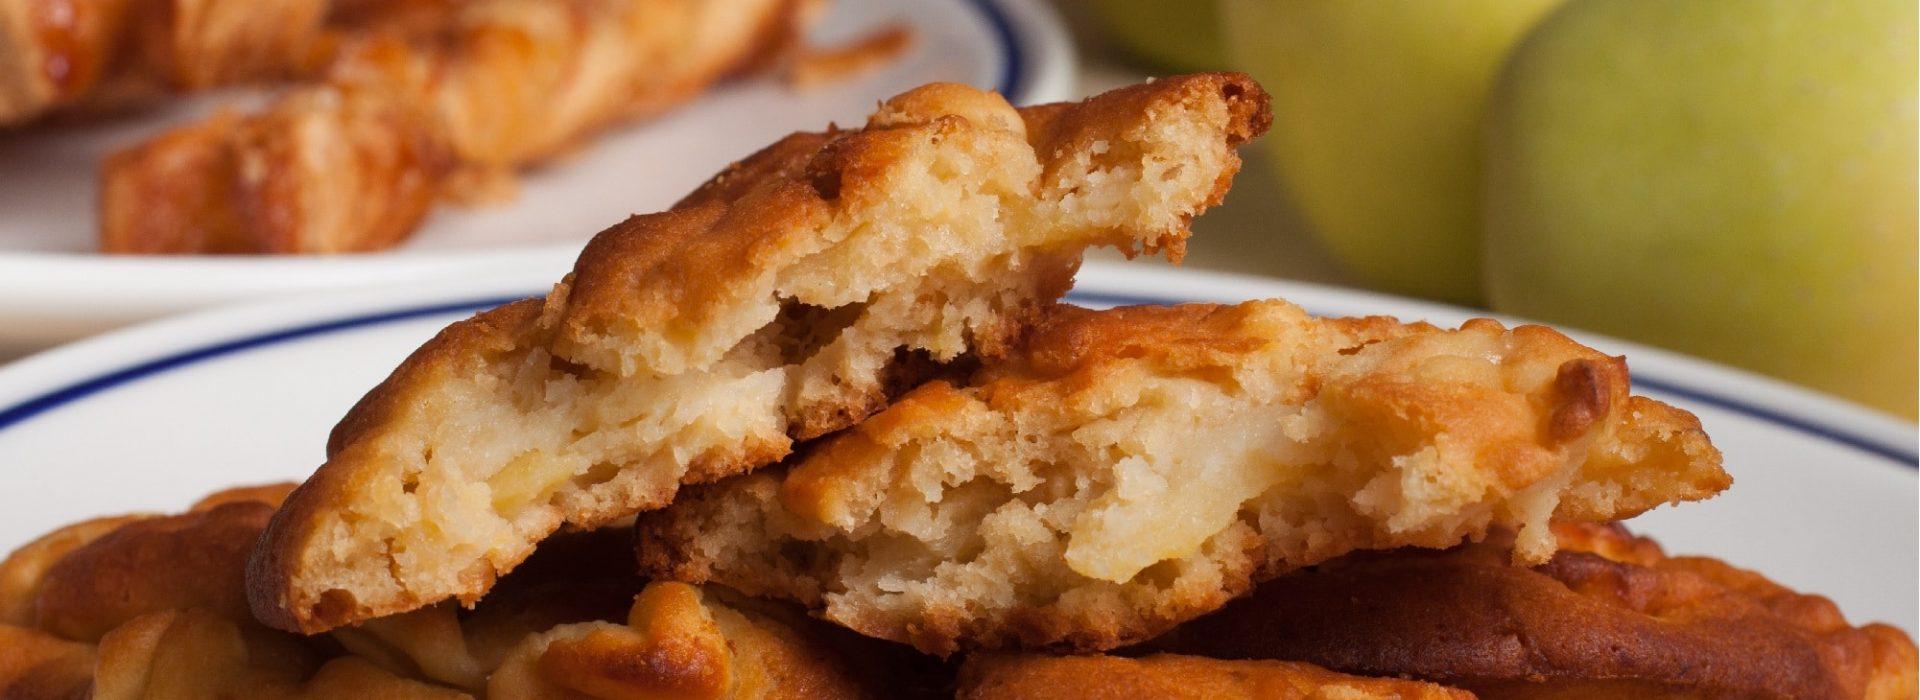 Fritter Blog Image. Image du blog desserts frits.